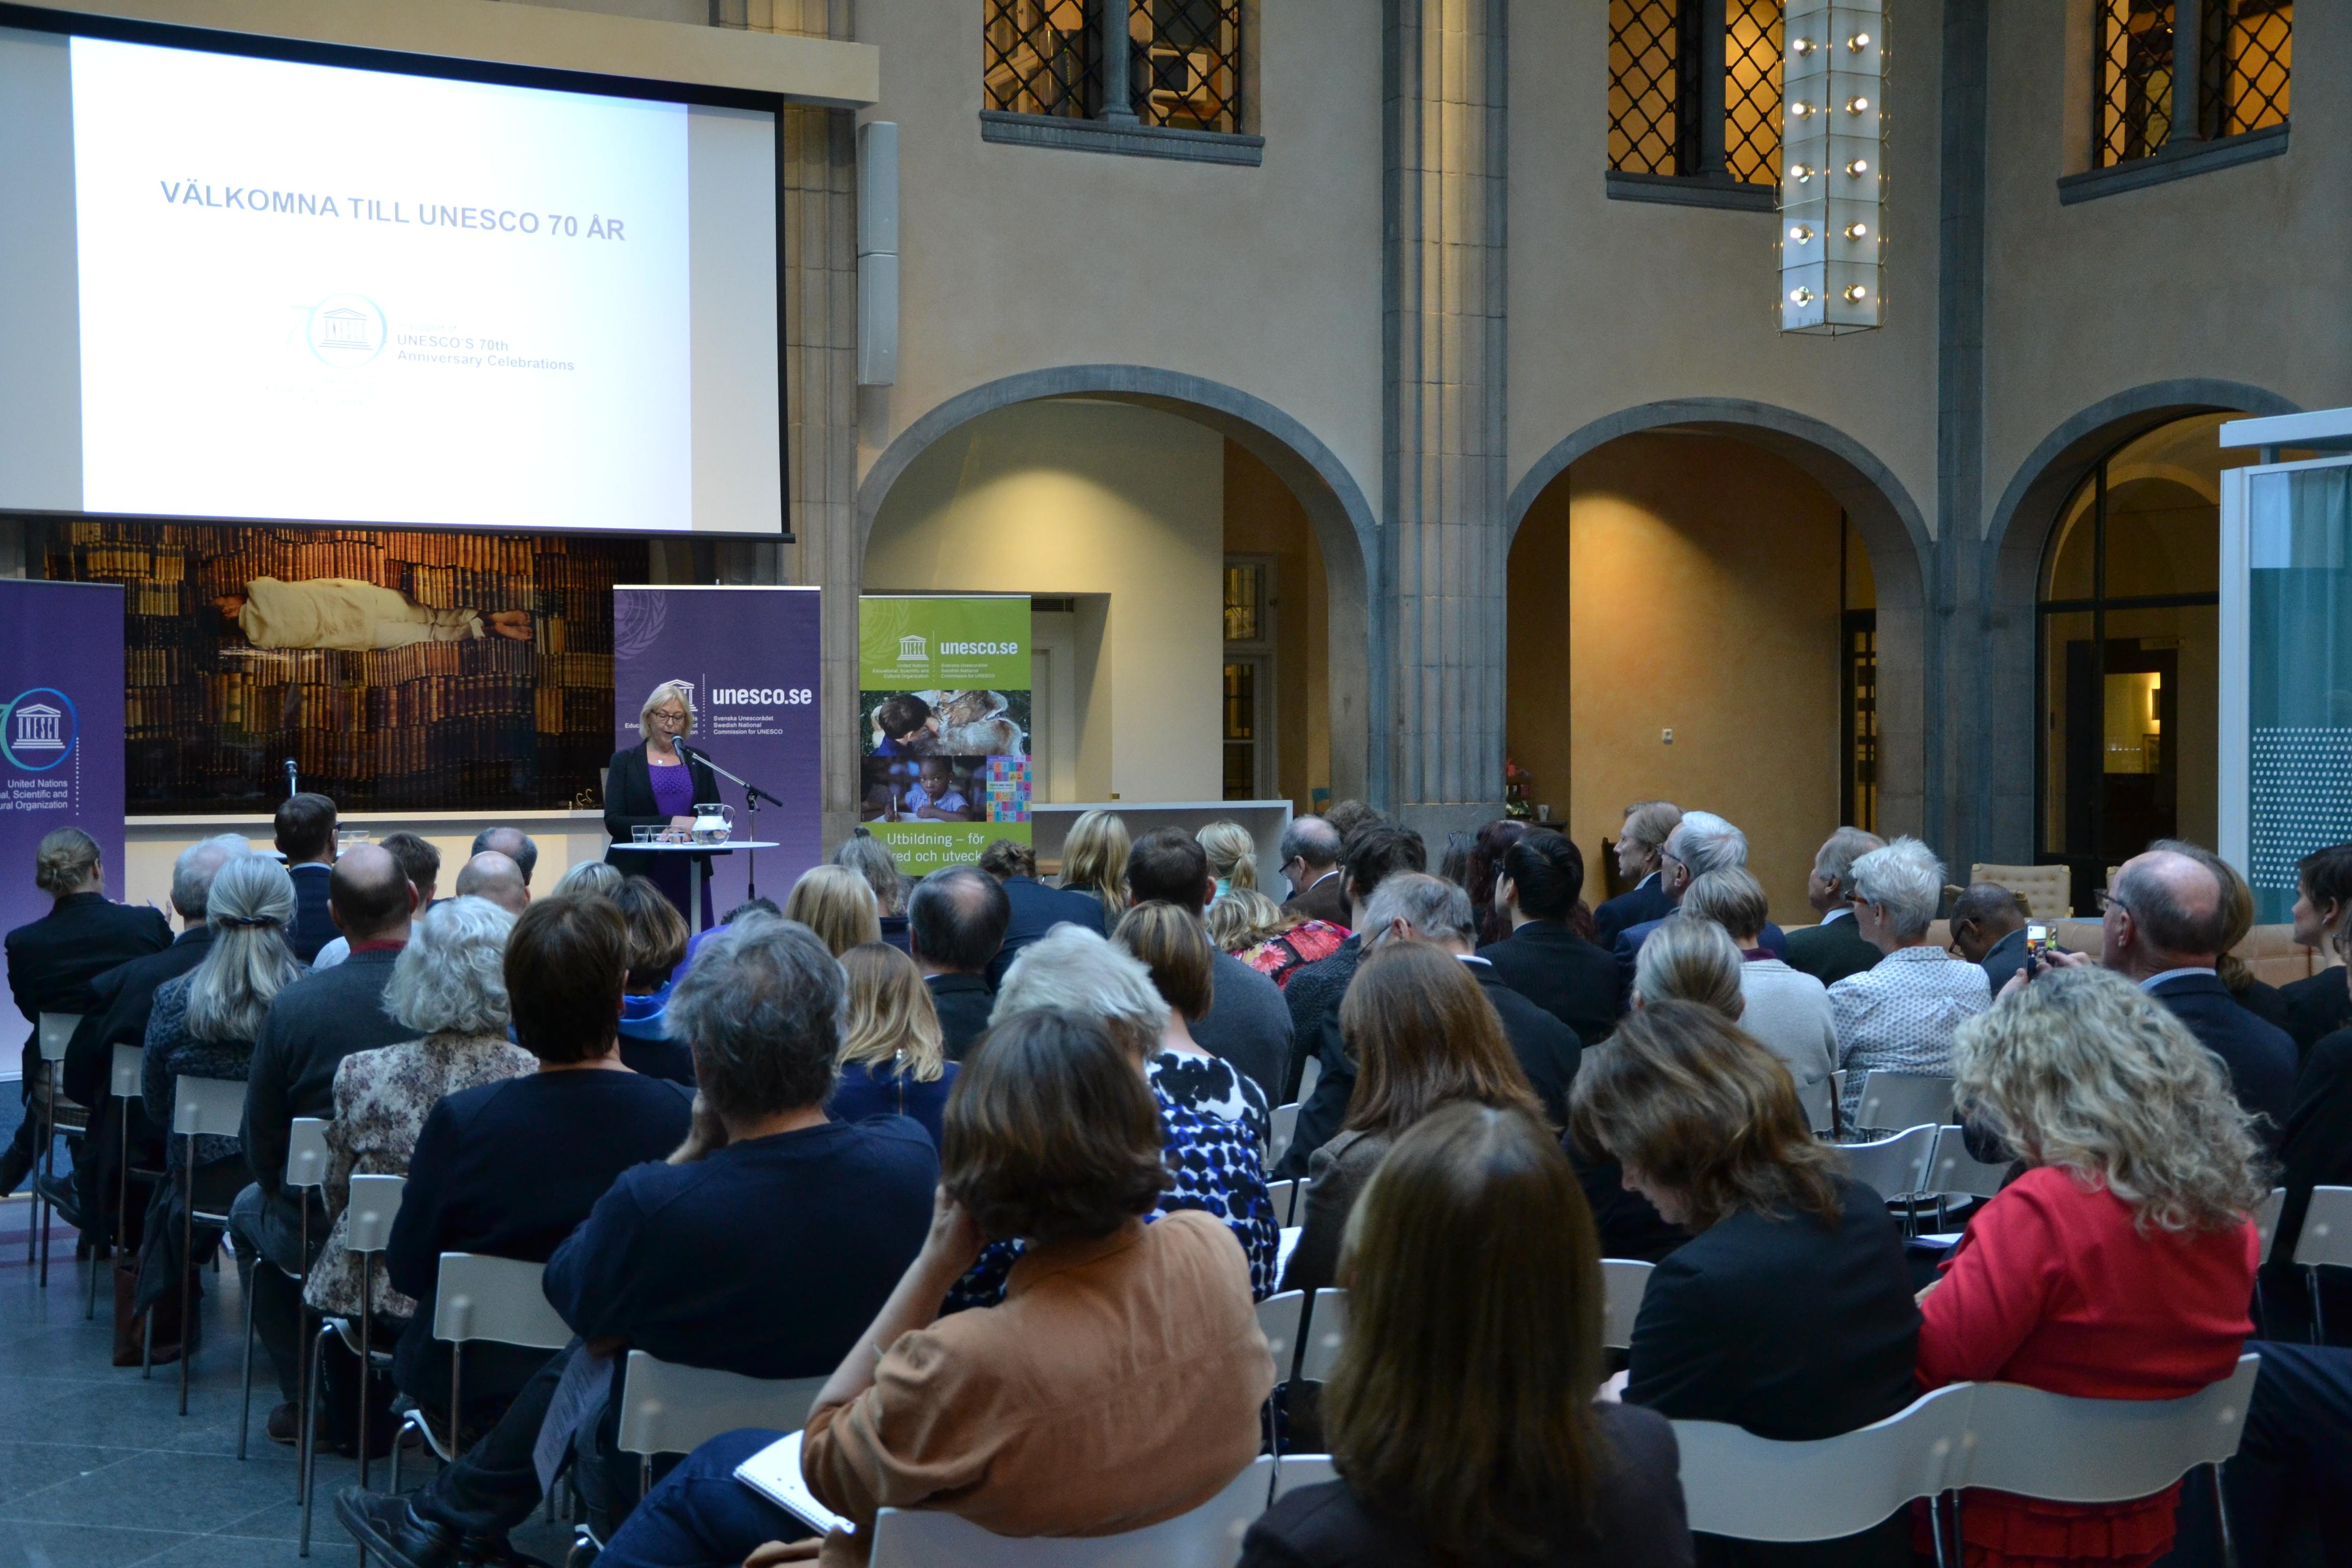 födelsedagstal 70 år Unesco 70 år! « Svenska Unescorådet födelsedagstal 70 år